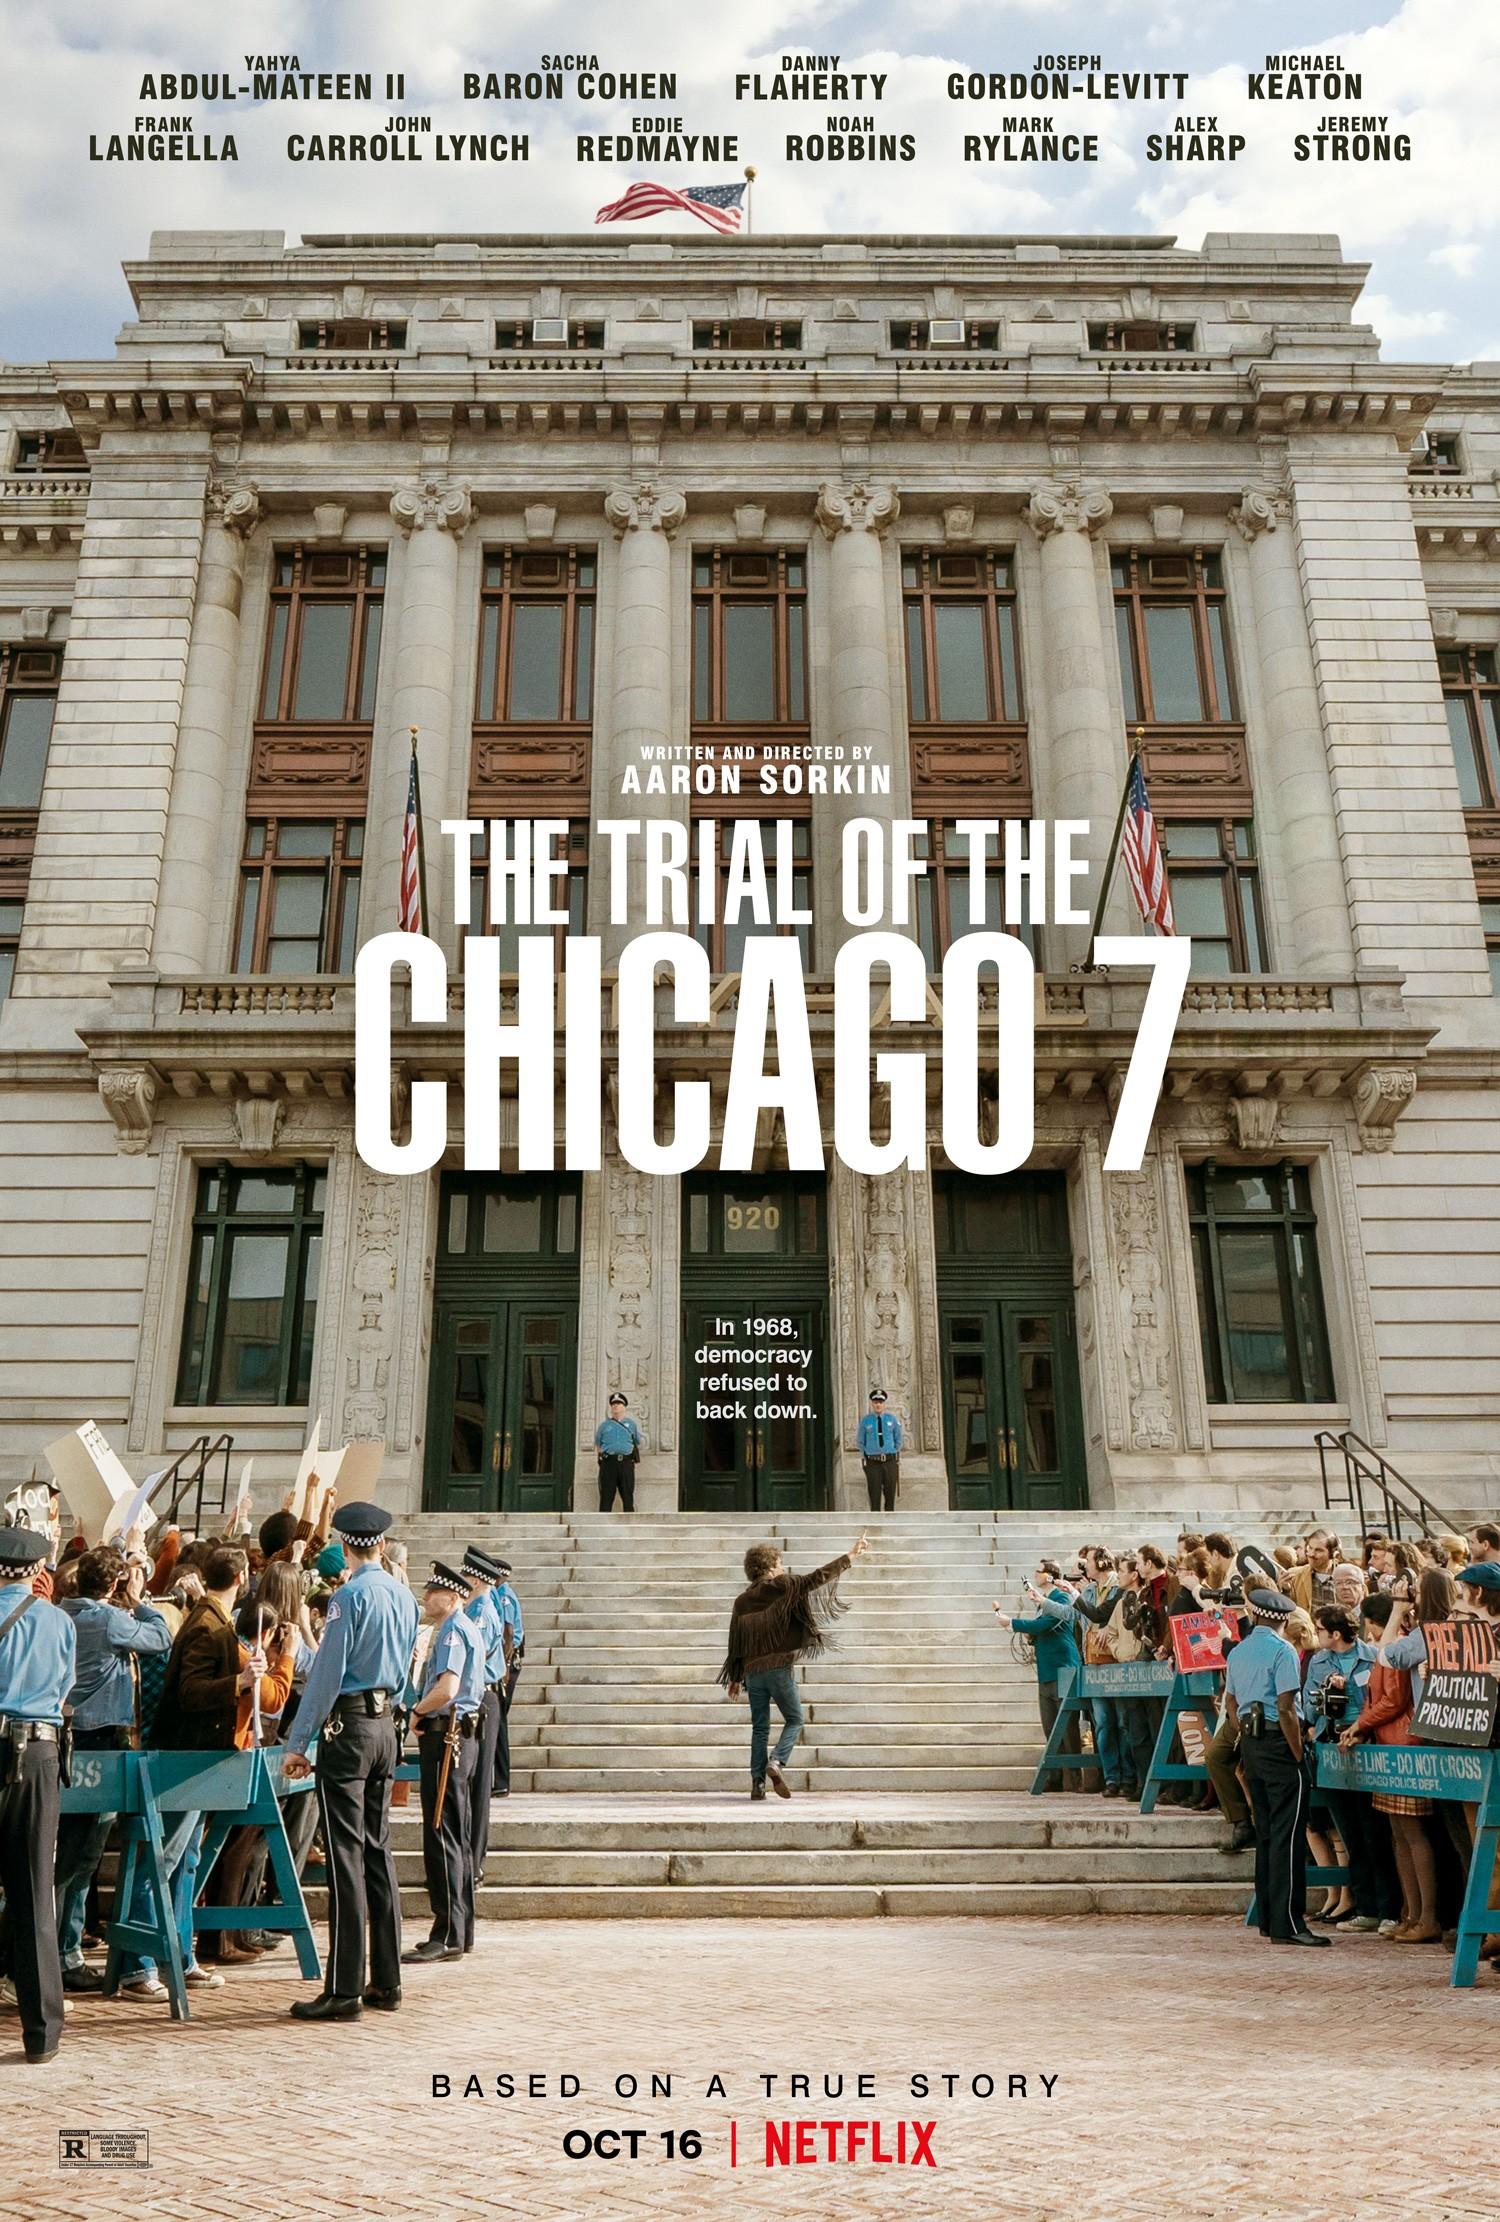 chicago 7 - photo #1